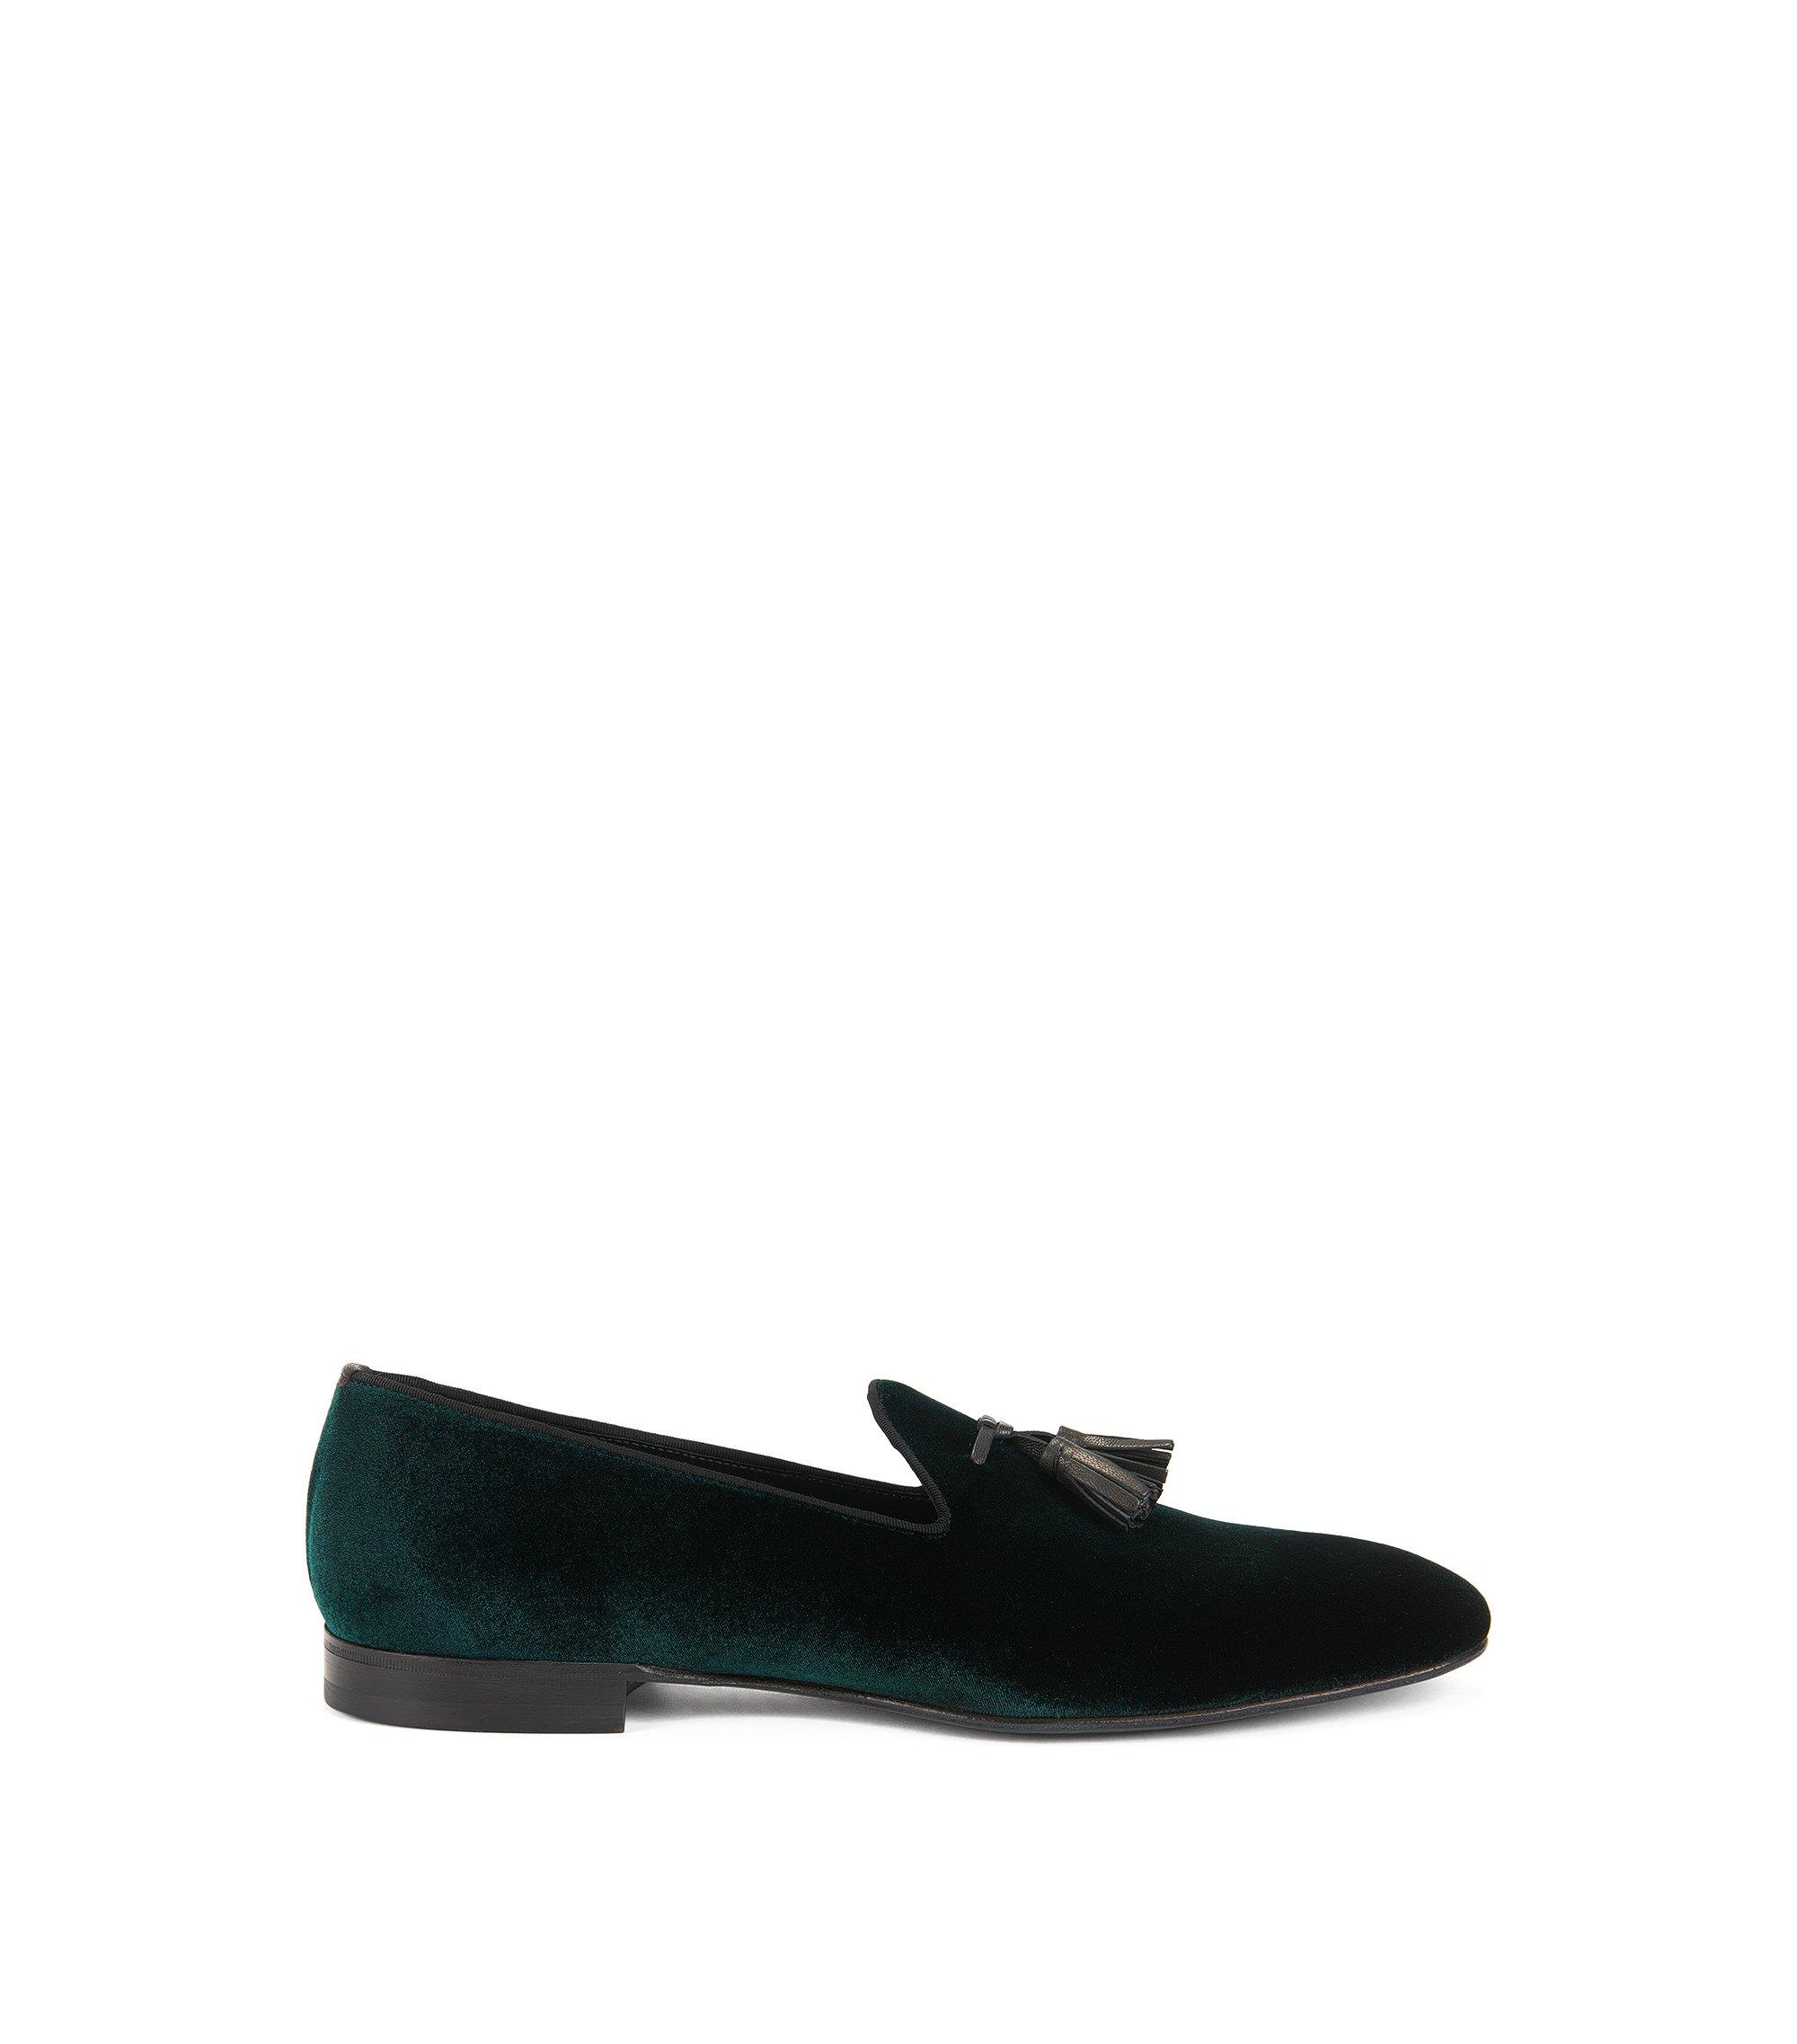 Italian Velvet Penny Loafer | Glam Slon Vlt, Dark Green